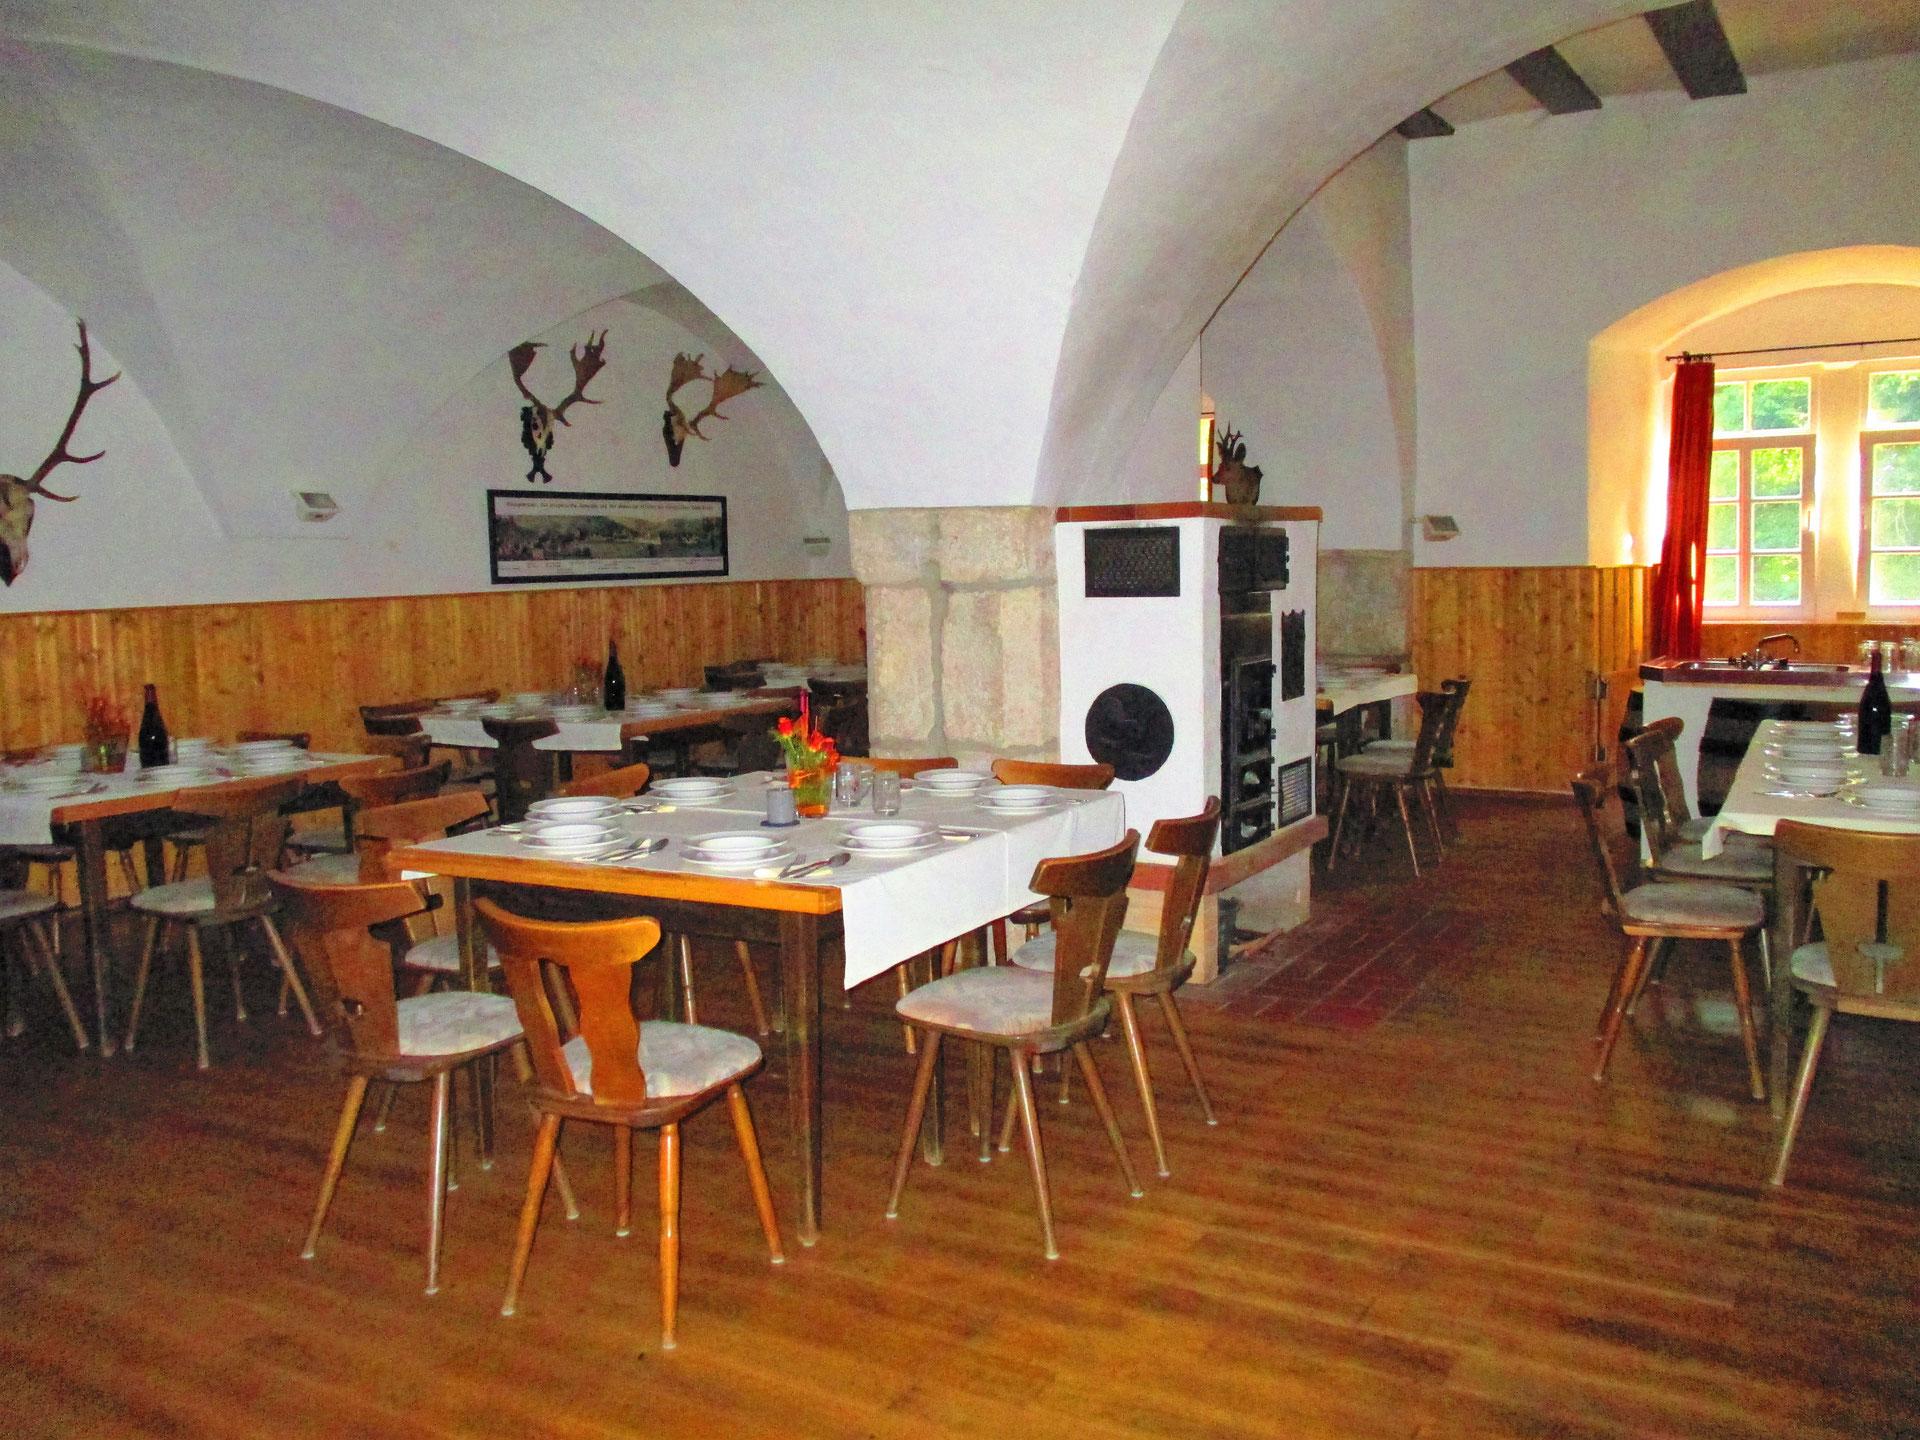 Klosterschenke Kulturverein Konigsbronn